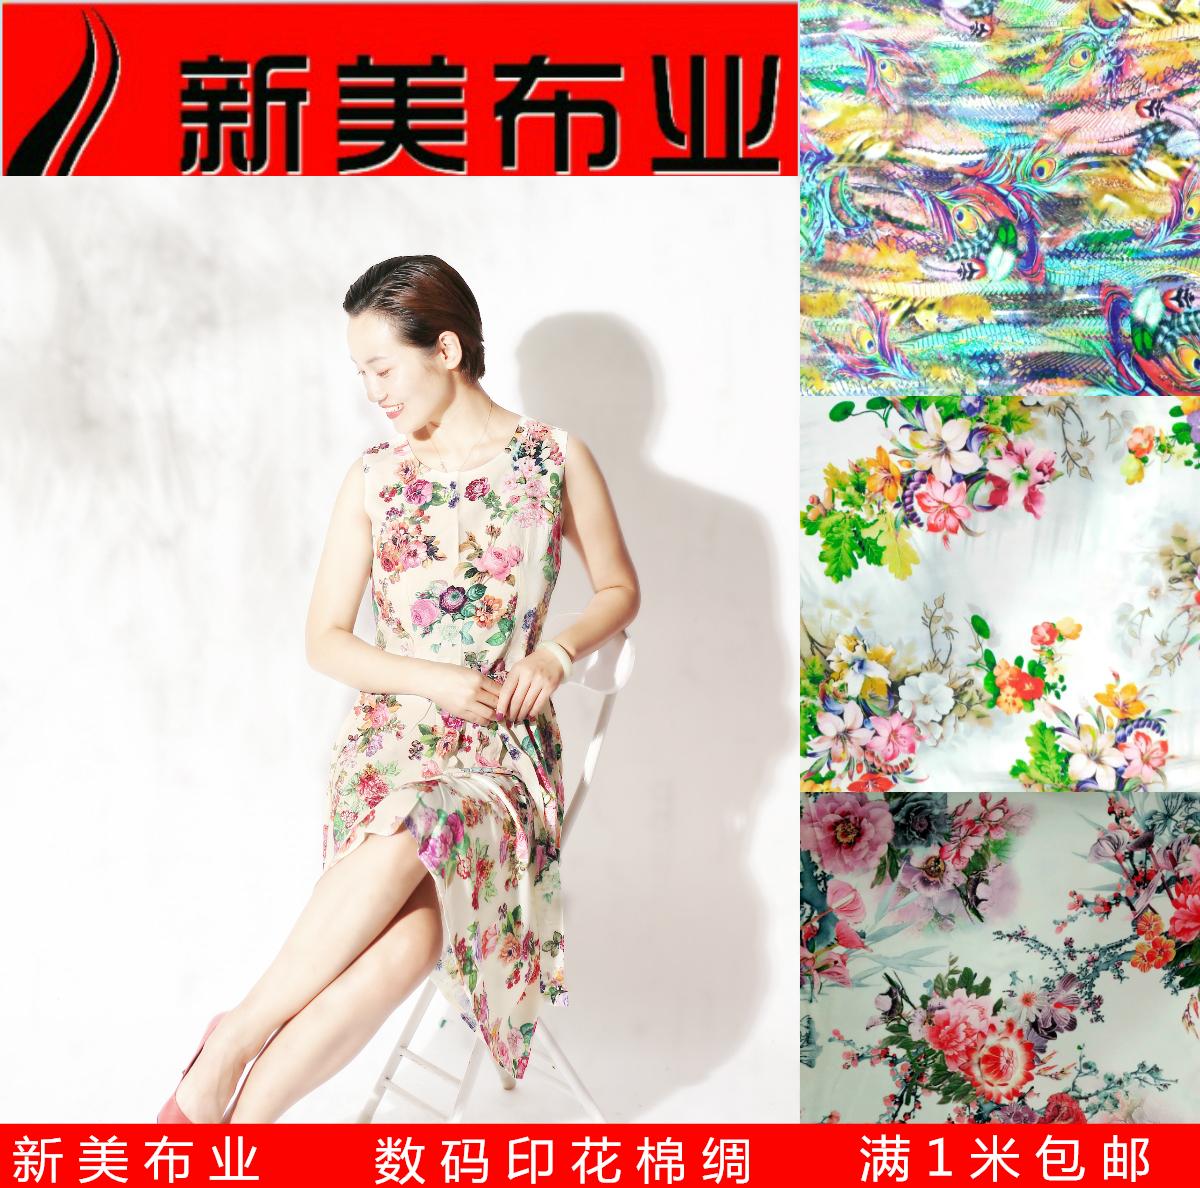 高档绵绸棉绸数码印花真丝棉绸面料芦荟棉人造棉布连衣裙睡衣布料